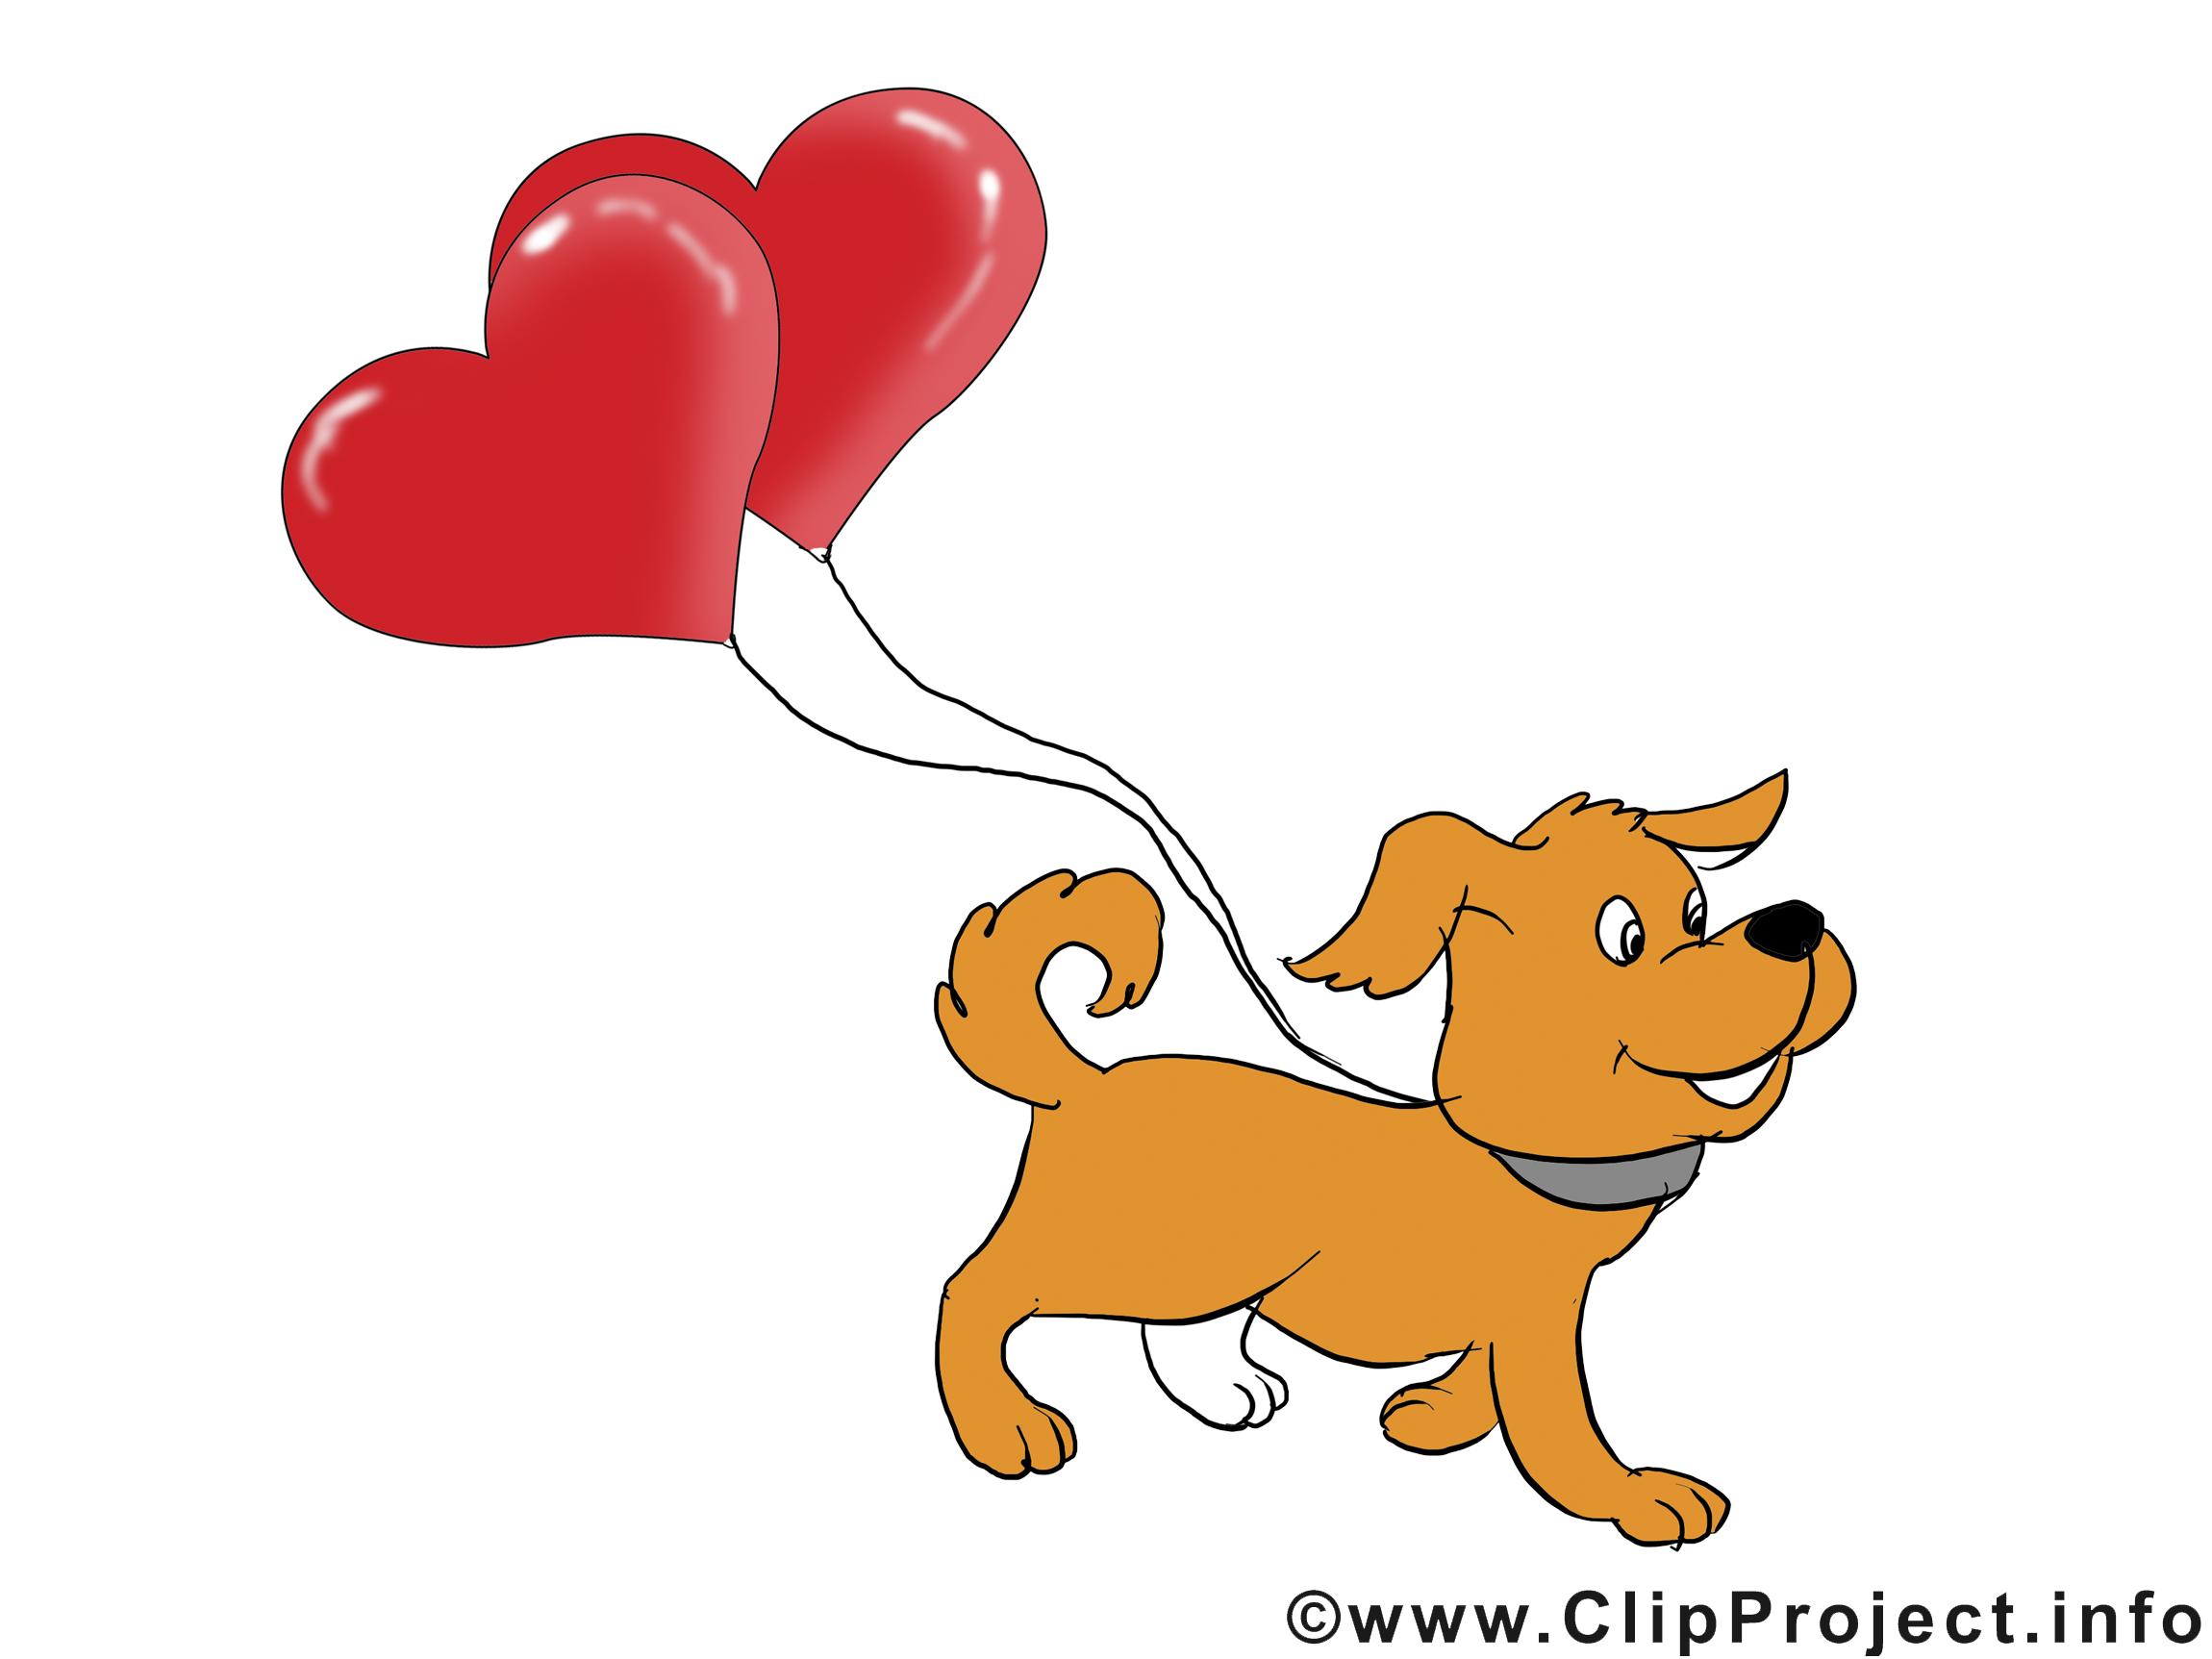 Chien dessin à télécharger - Saint-Valentin images